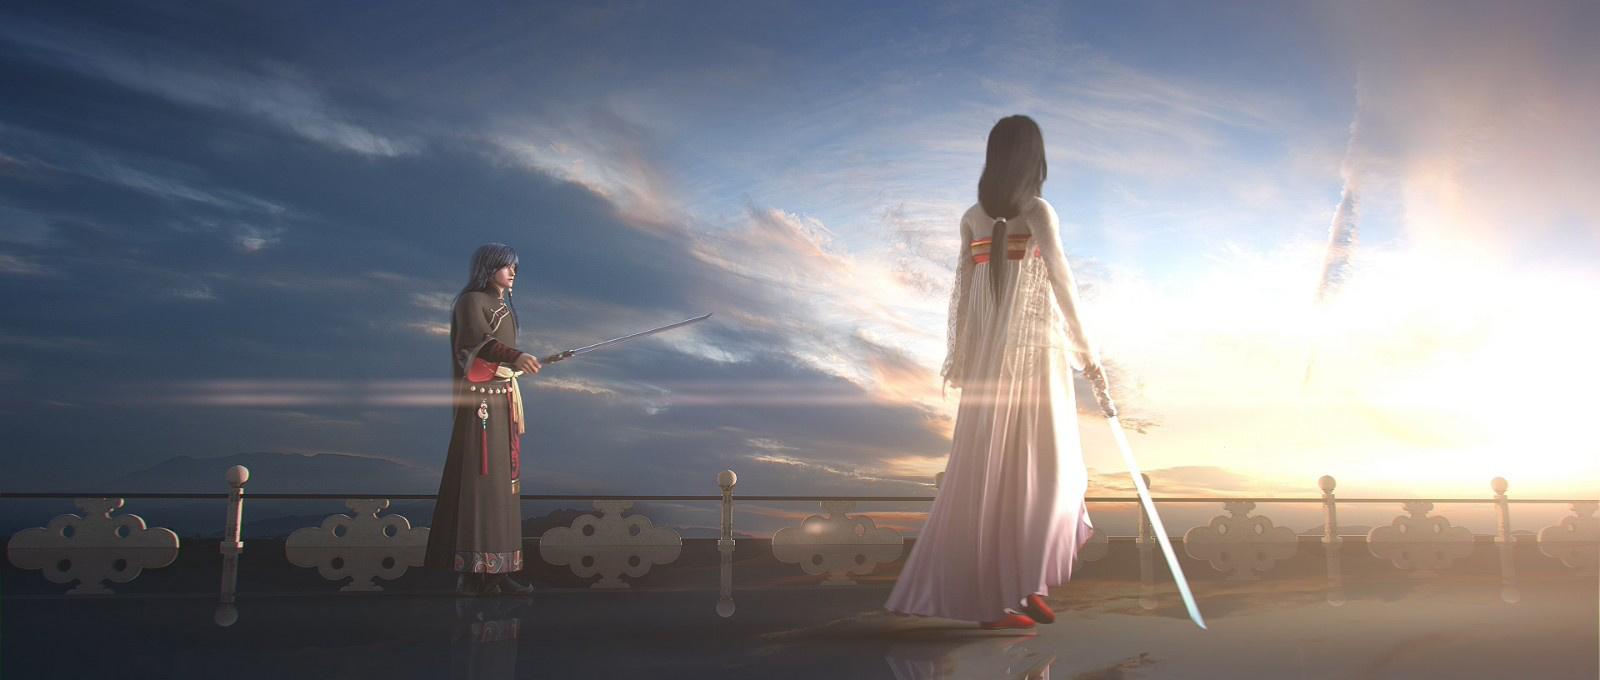 动画《镜·双城》风起篇圆满收官 极致还原镜世界